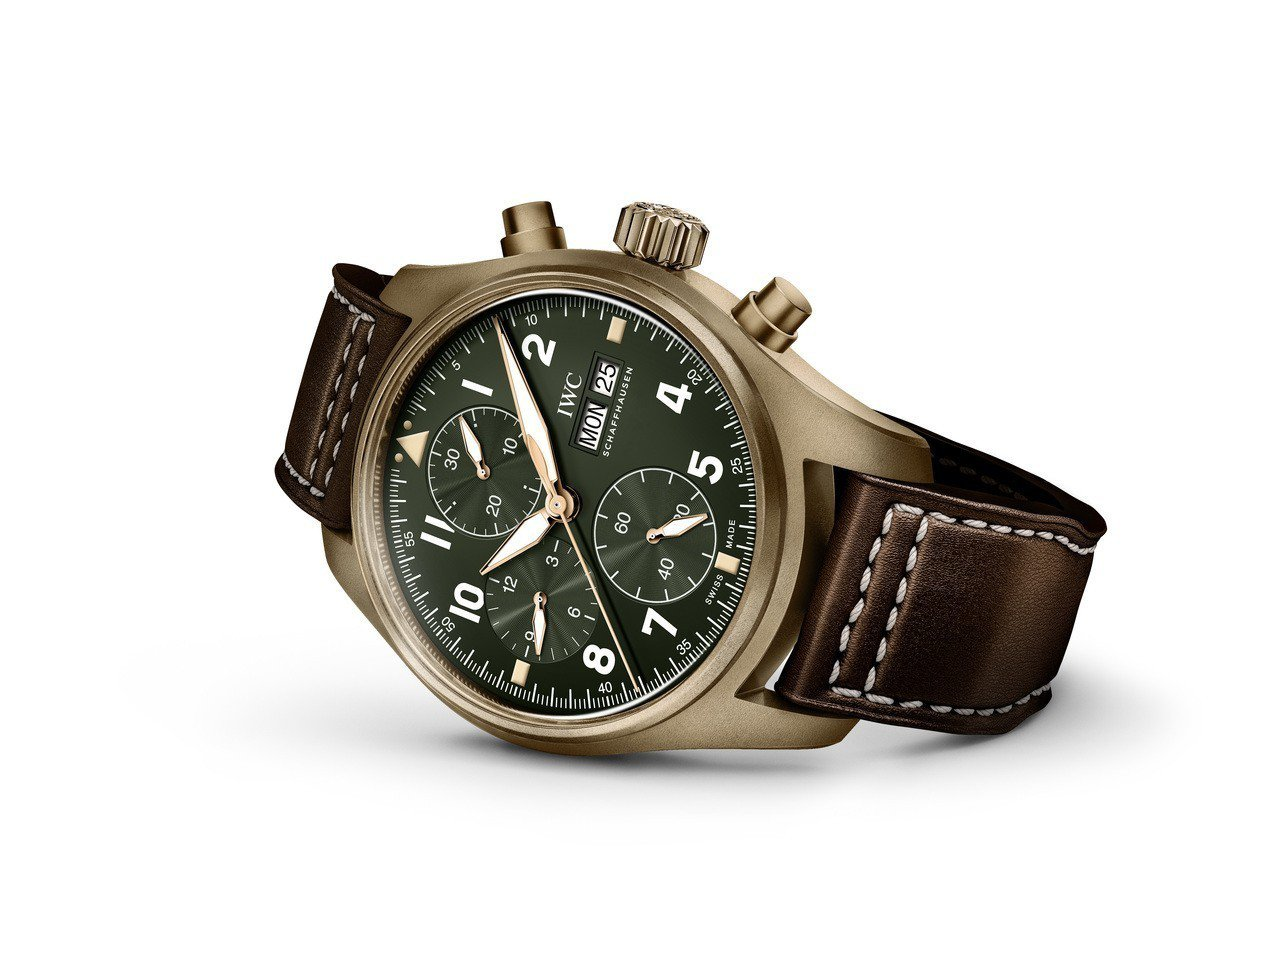 路易斯漢米爾頓配戴的IWC噴火戰機飛行員計時腕表青銅款,21萬1,000元。圖/...